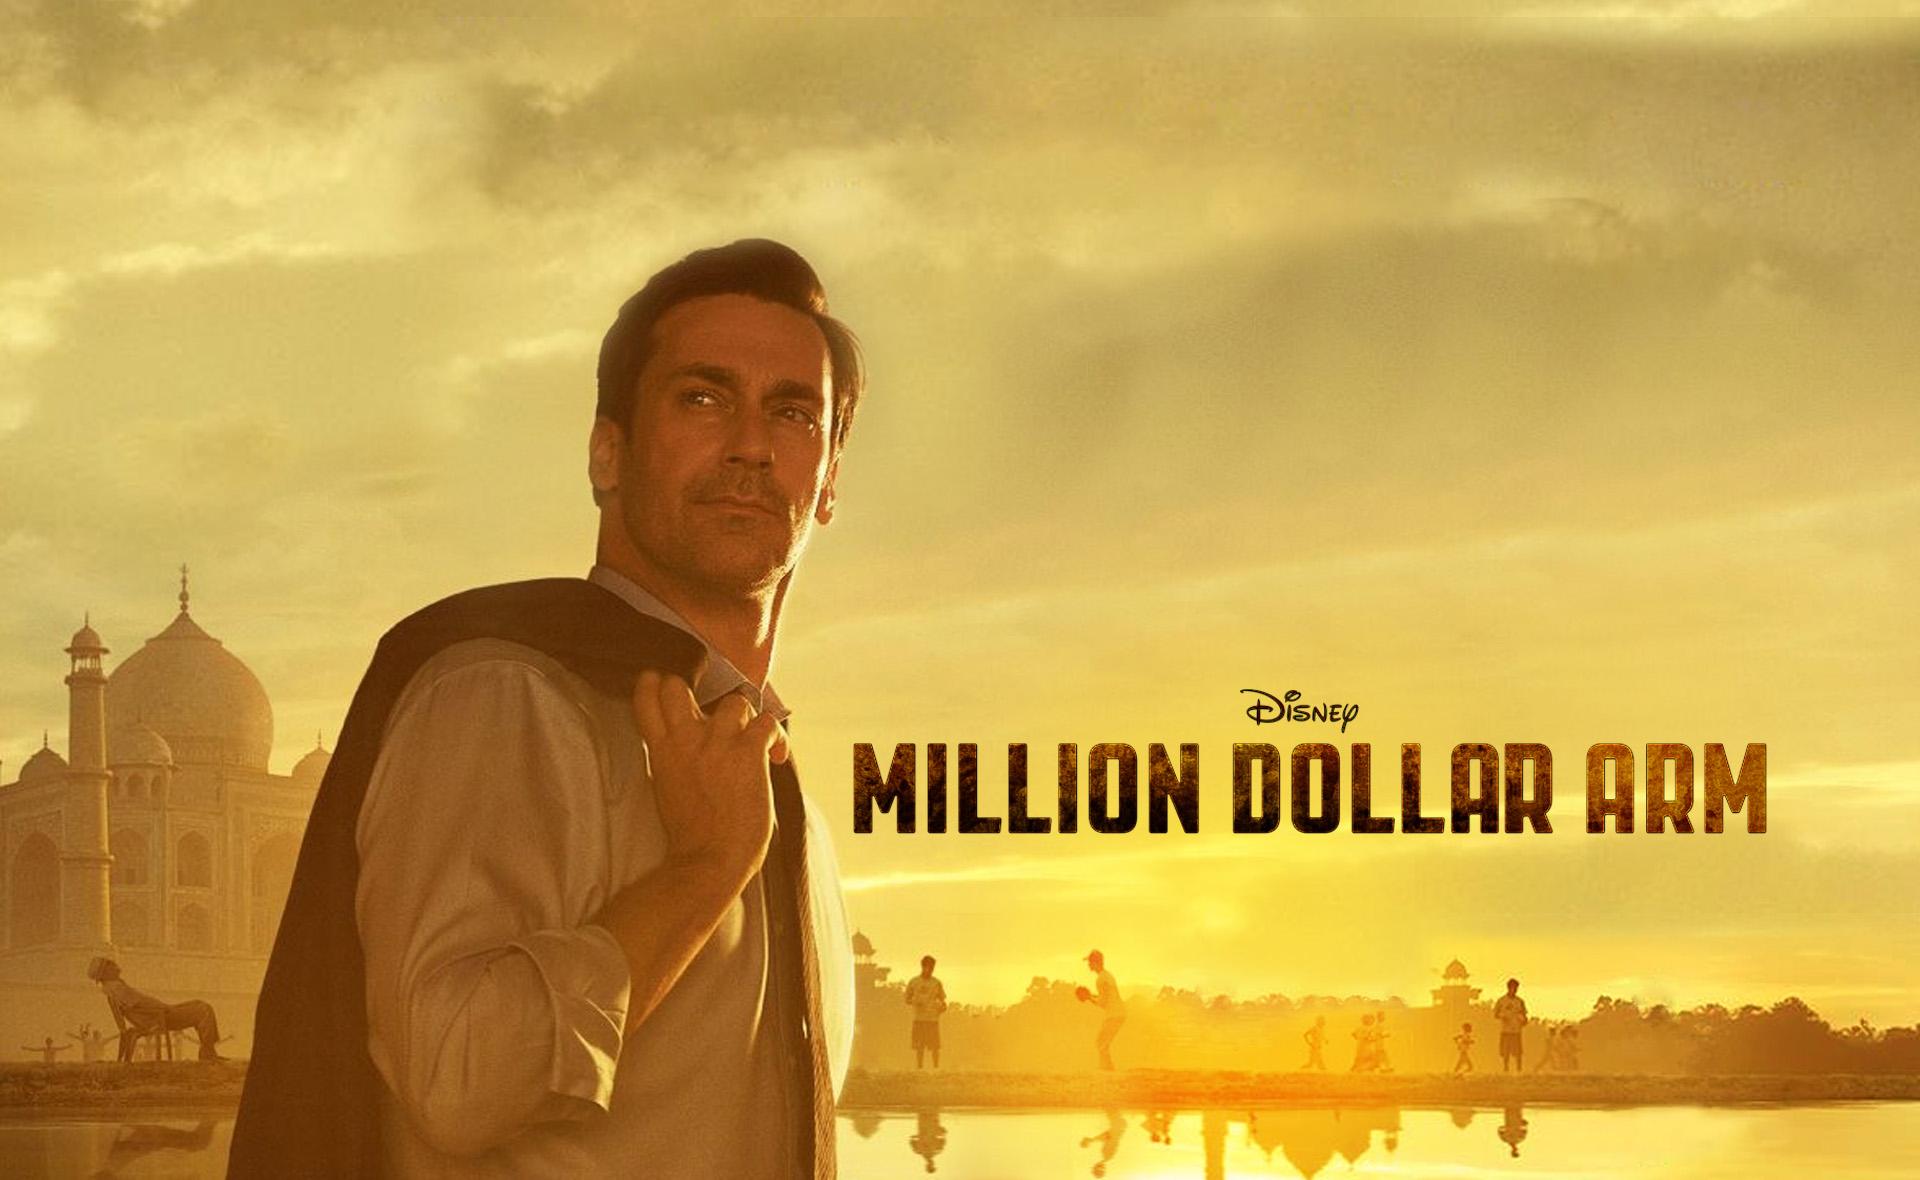 """""""ذراع بمليون دولار"""" كوميديا إنسانية عن عالم الرياضة من انتاج ديزني"""